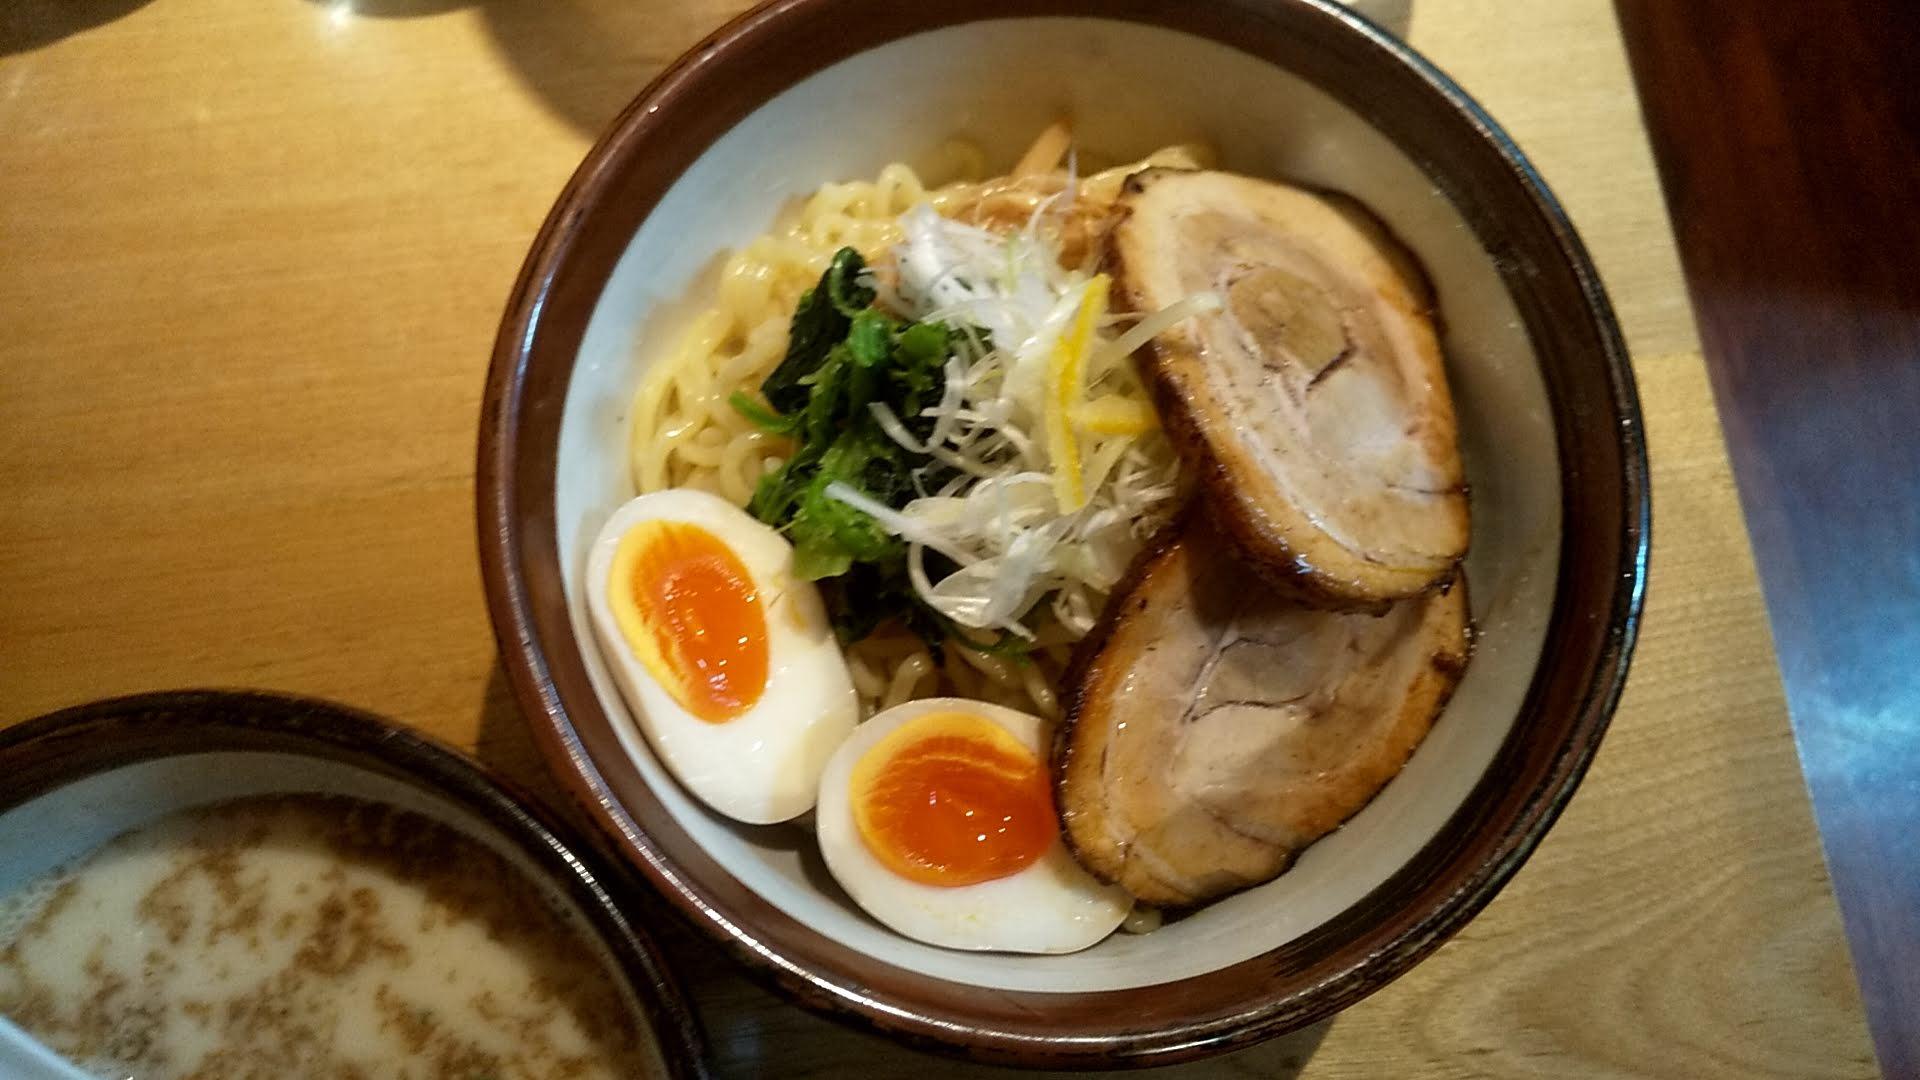 俺流塩ラーメン渋谷公園通り店の俺流超つけ麺の麺皿